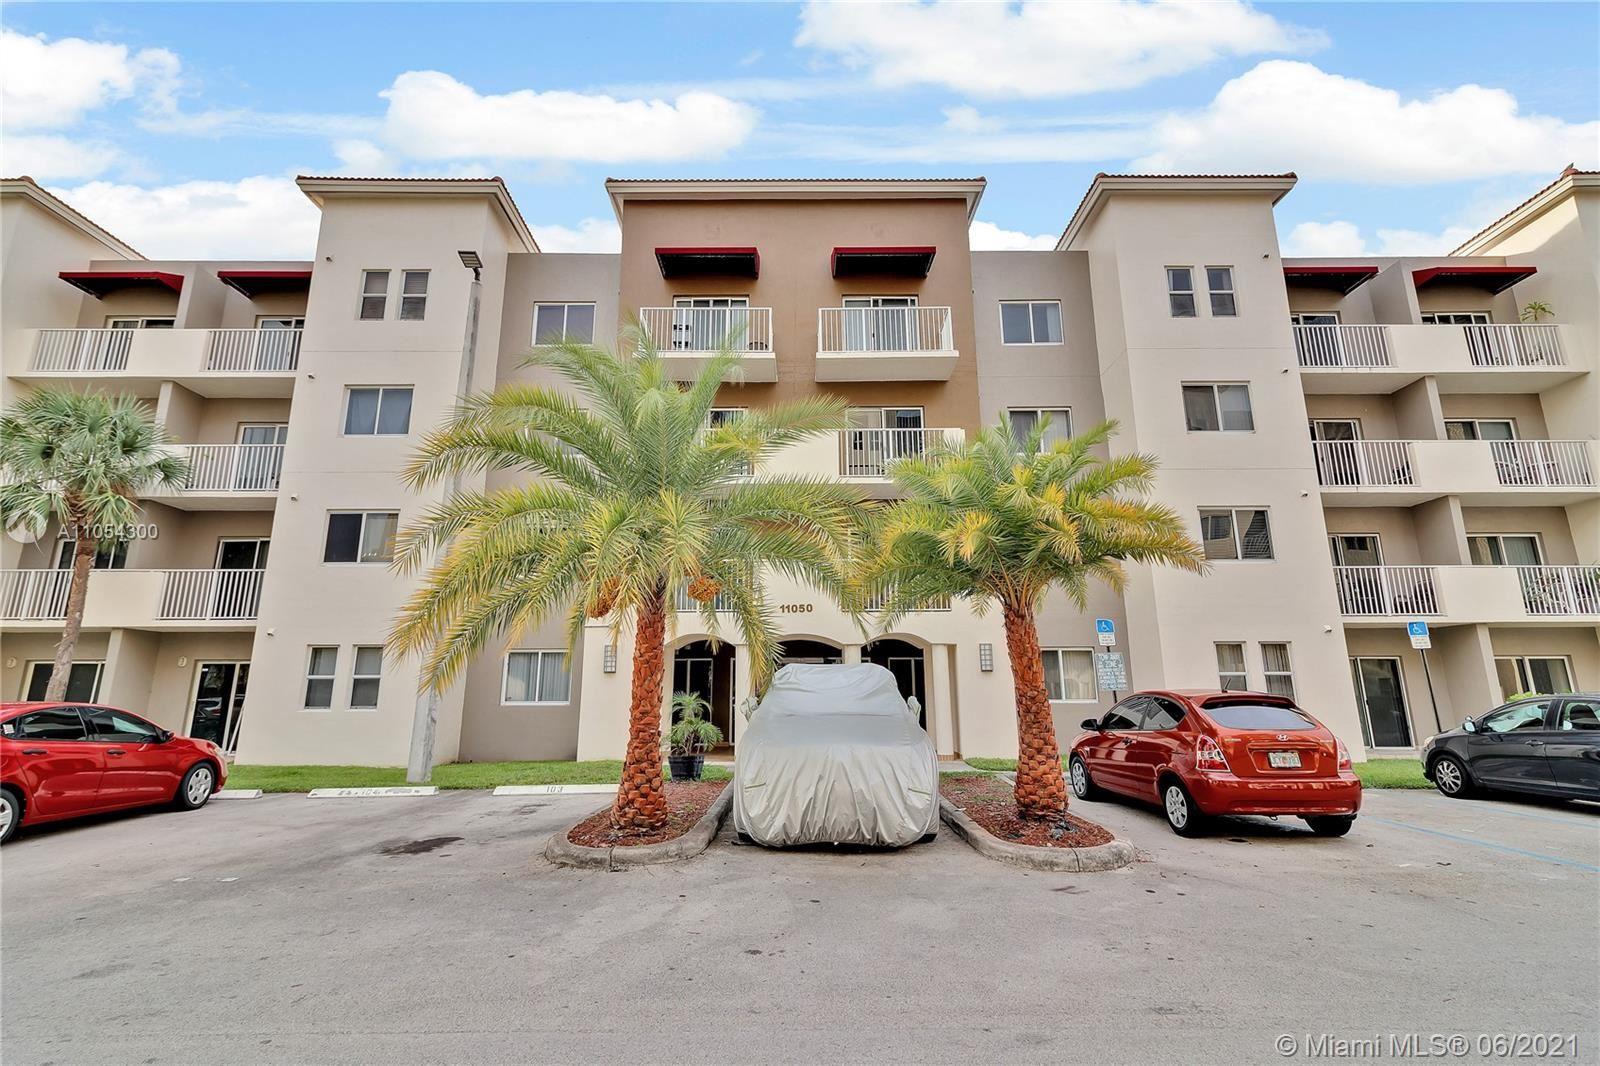 11050 SW 196th St #304, Cutler Bay, FL 33157 - #: A11054300